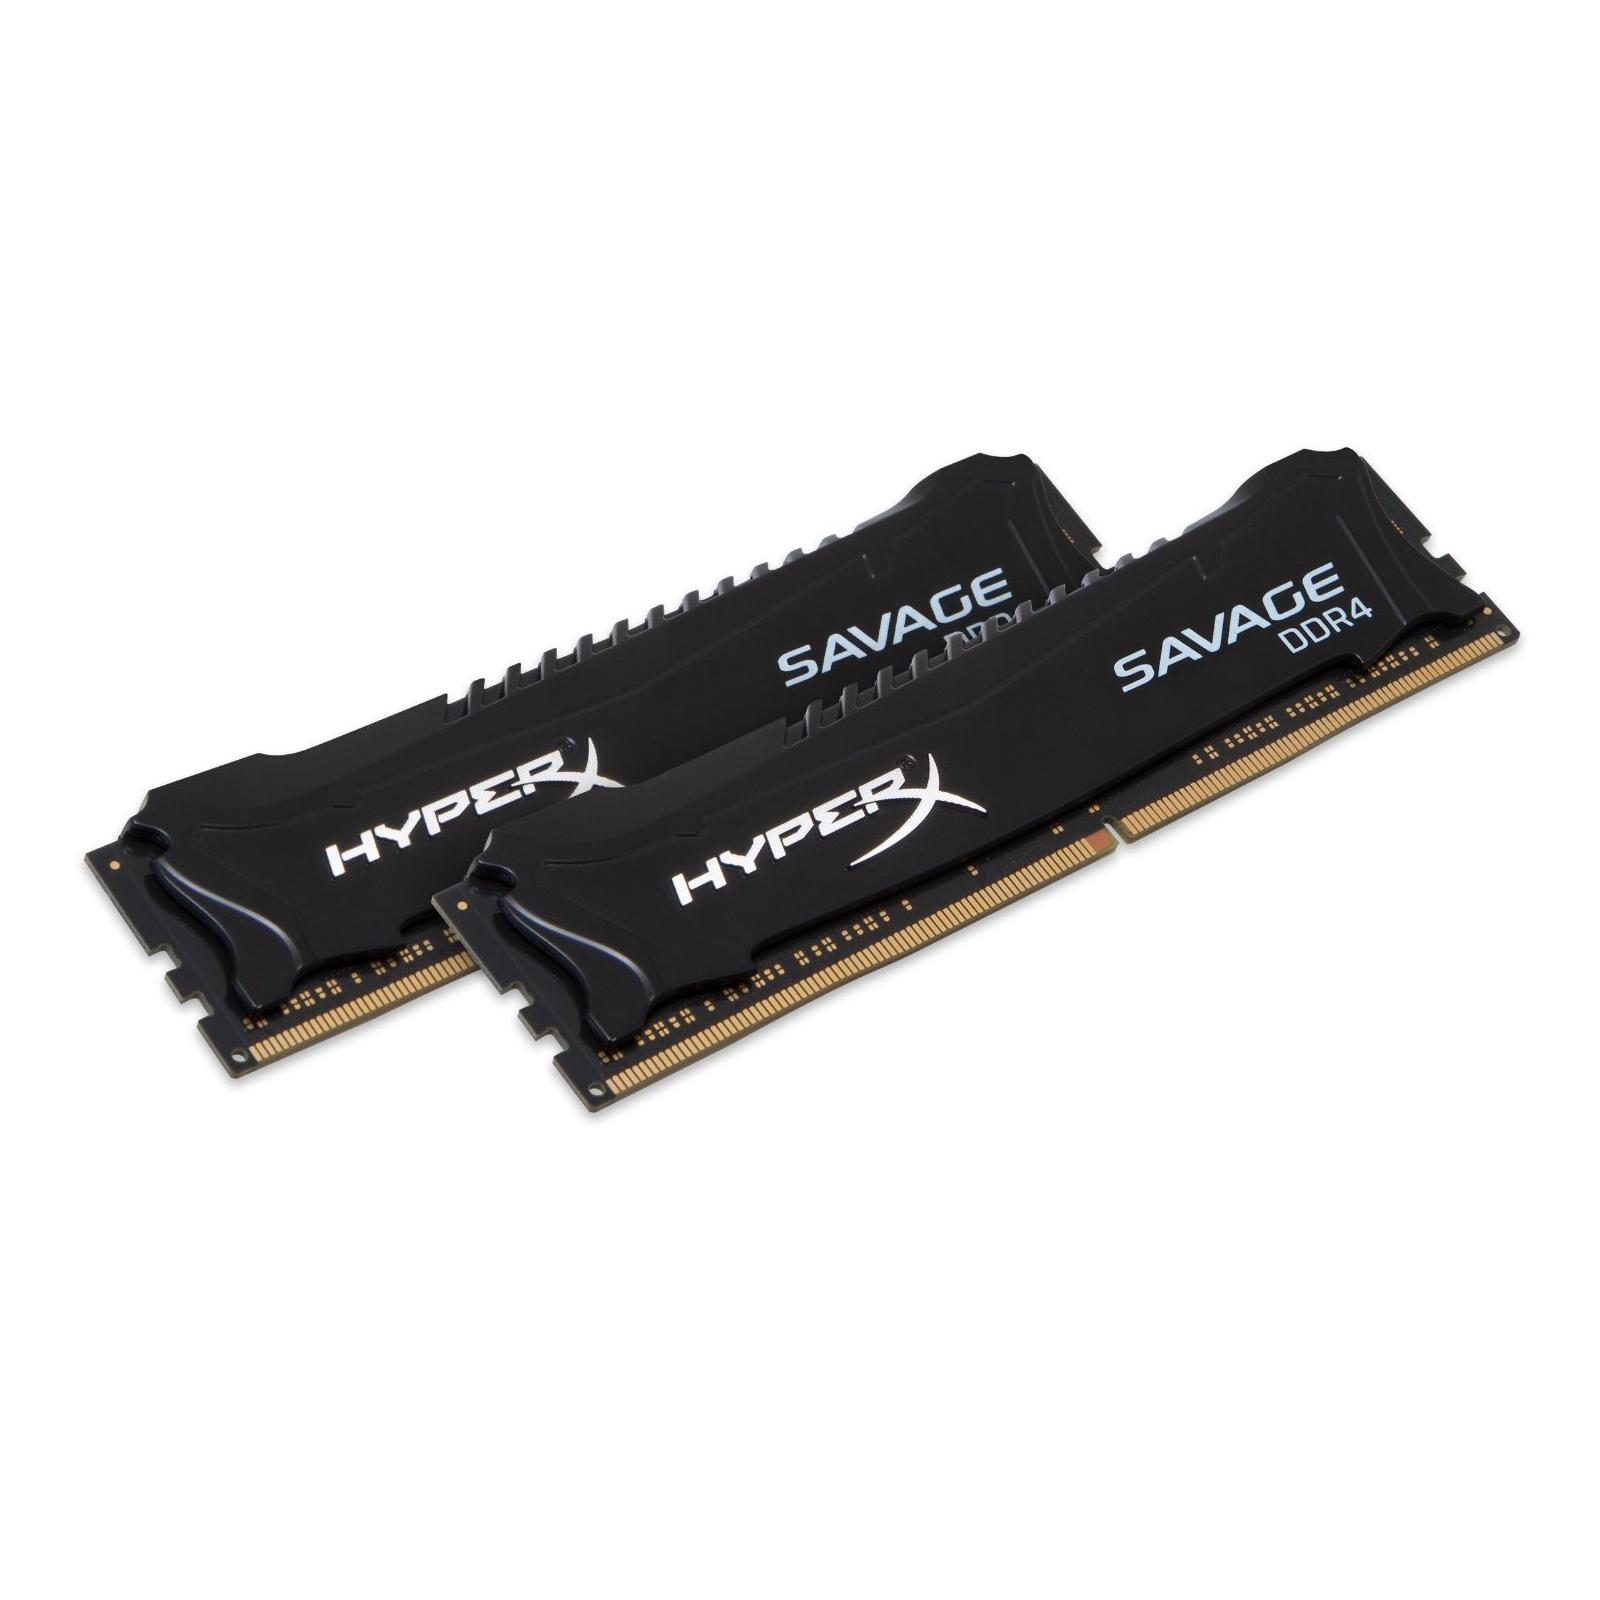 Модуль памяти для компьютера DDR4 8GB (2x4GB) 2400 MHz Savage Blak Kingston (HX424C12SB2K2/8) изображение 2